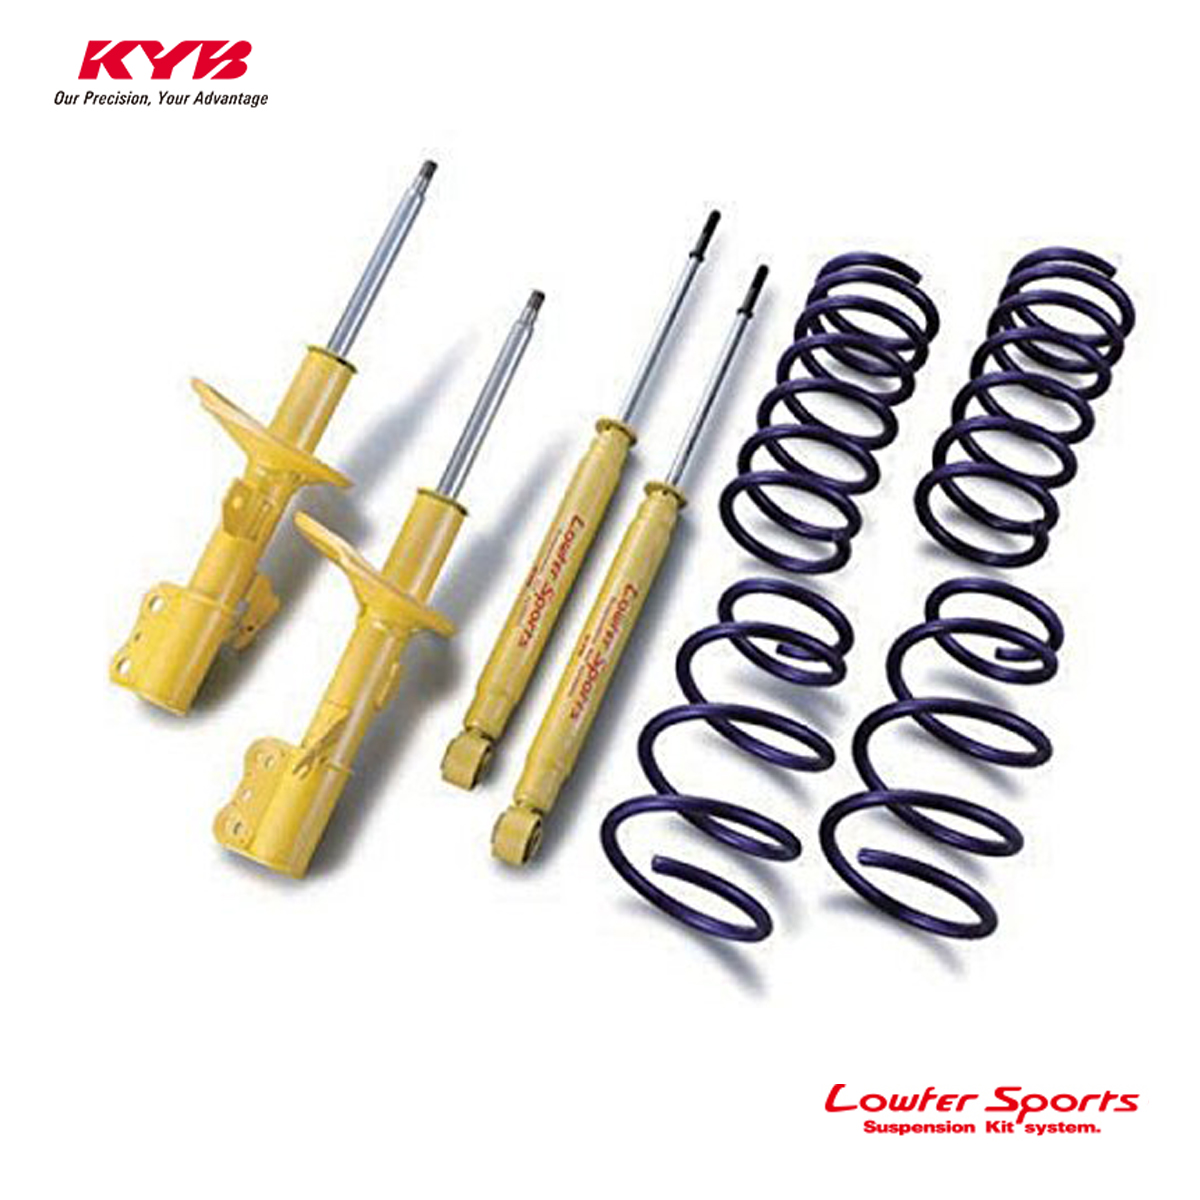 KYB カヤバ エスティマL MCR40W ショックアブソーバー サスペンションキット Lowfer Sports LKIT-MCR40W 配送先条件有り